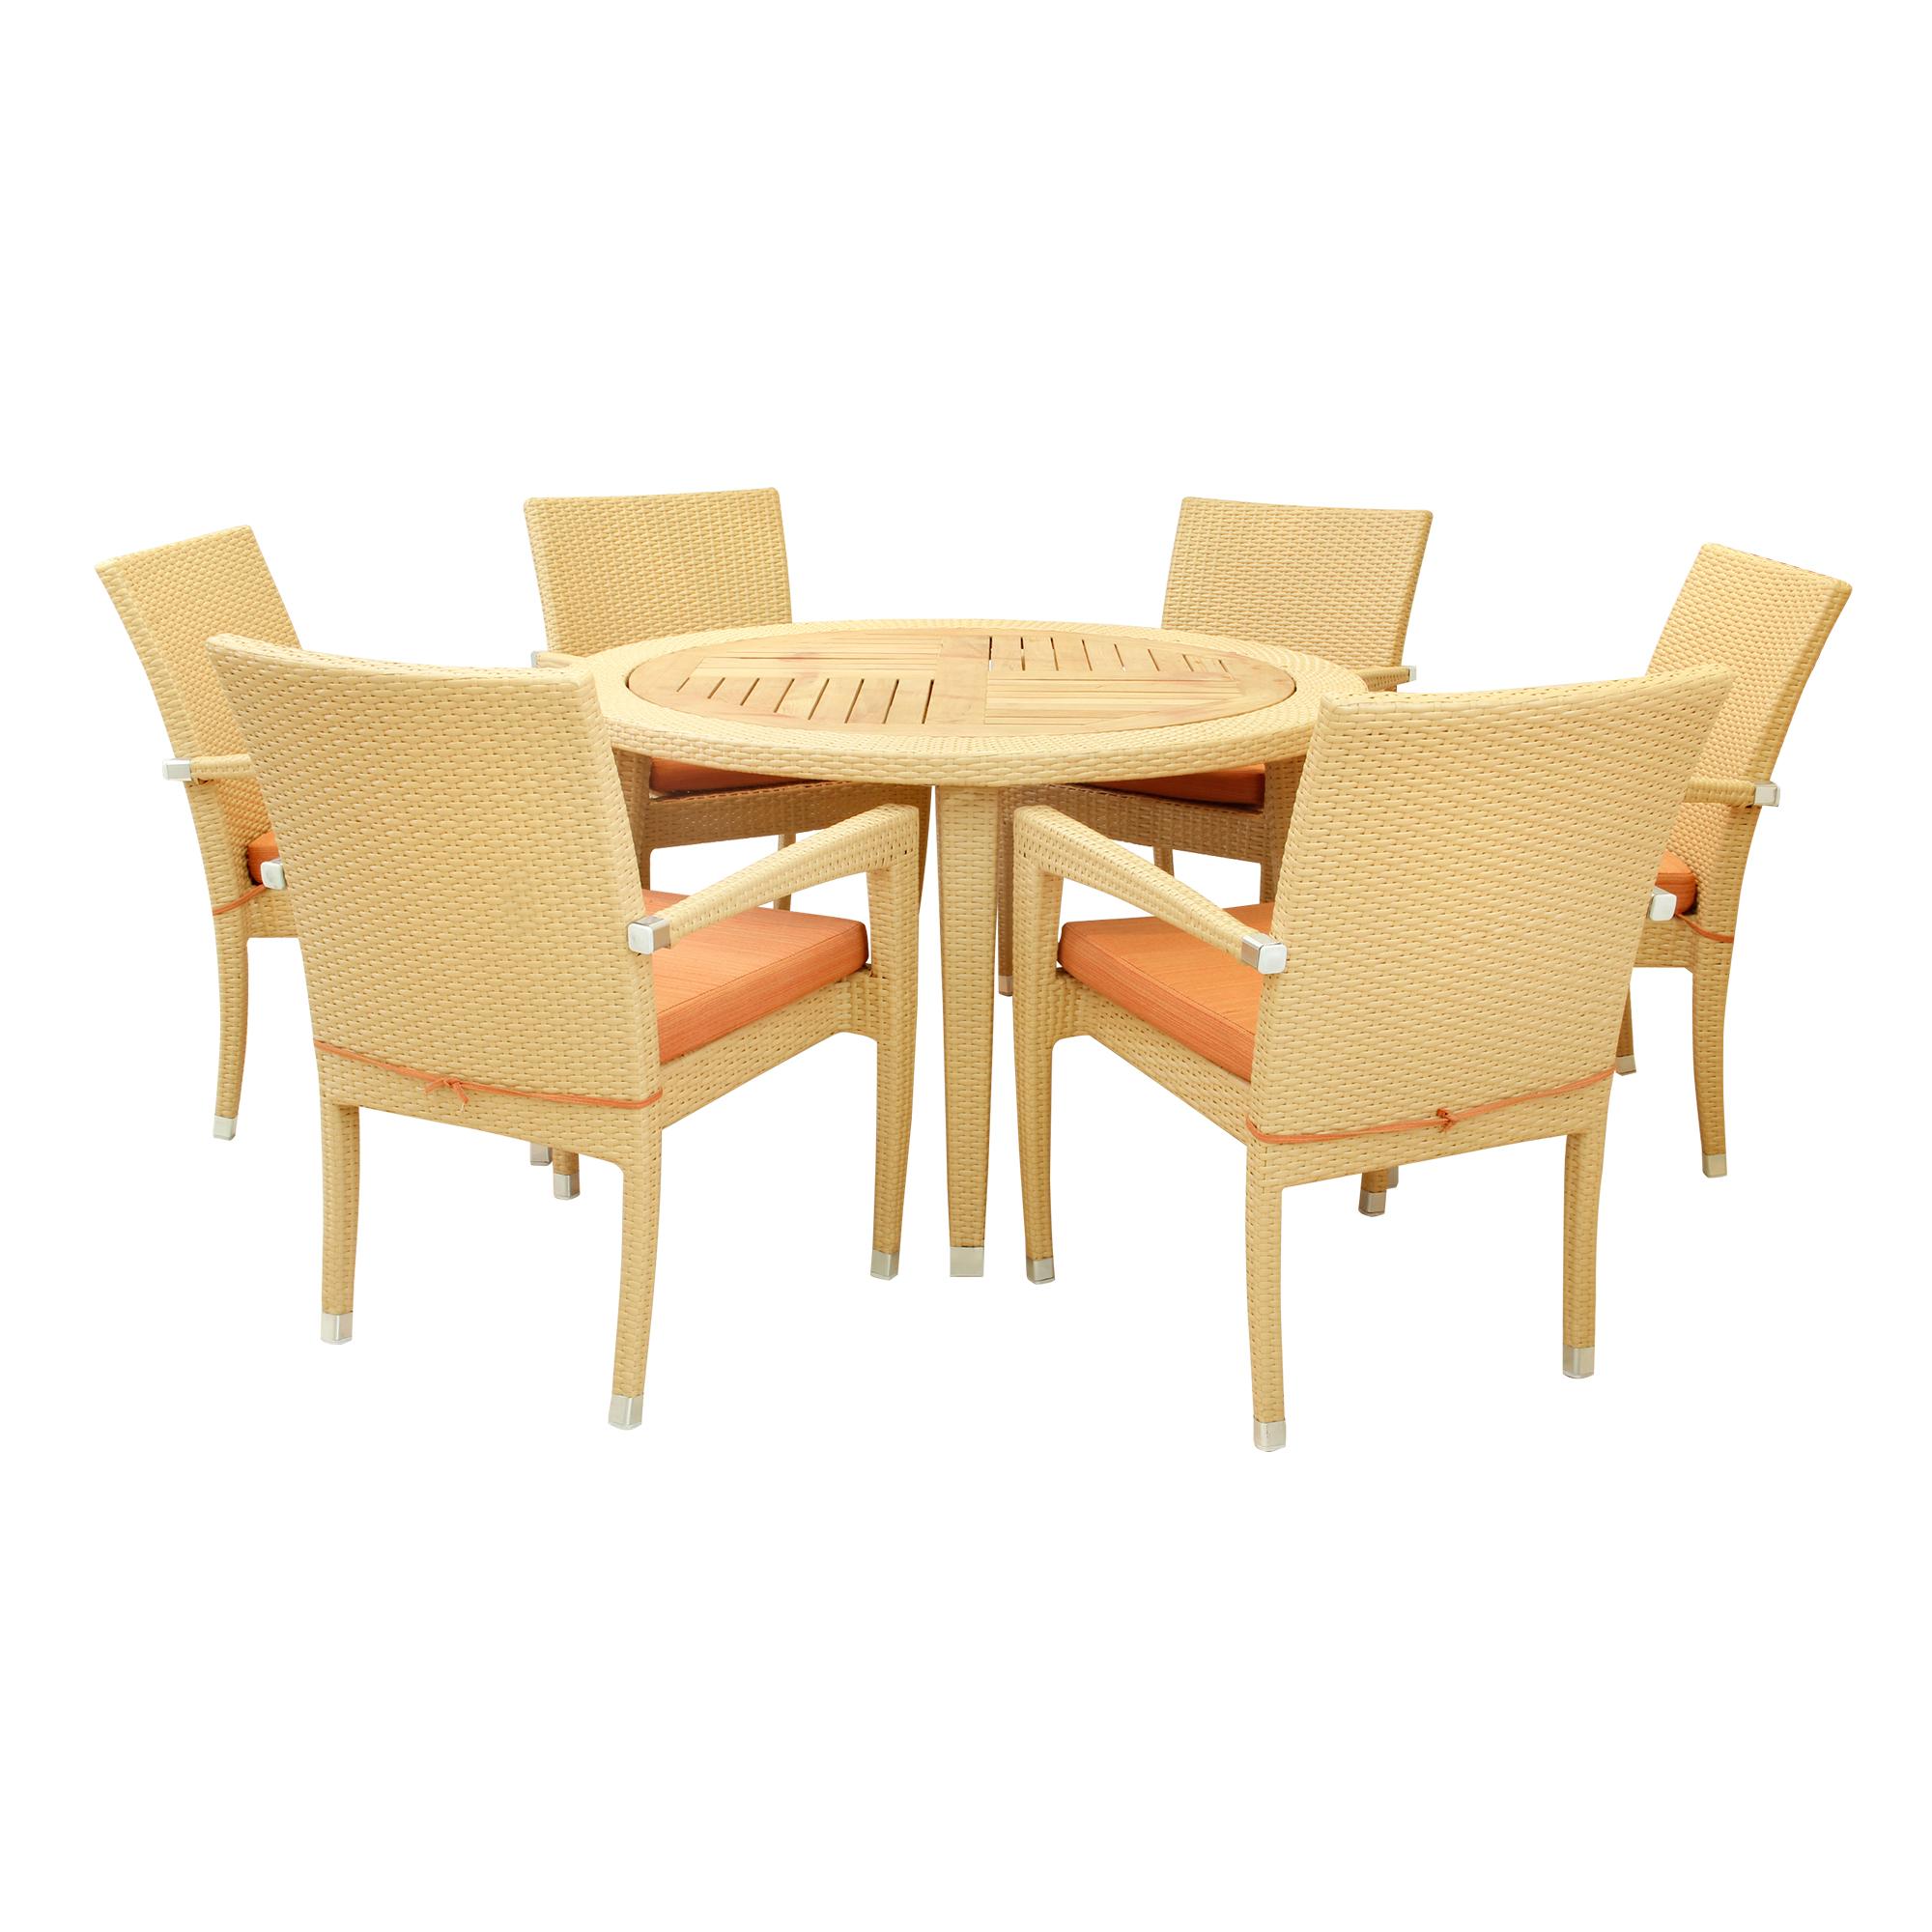 комплект мебели Derong 7 предметов Dr 3123tdr 3123c